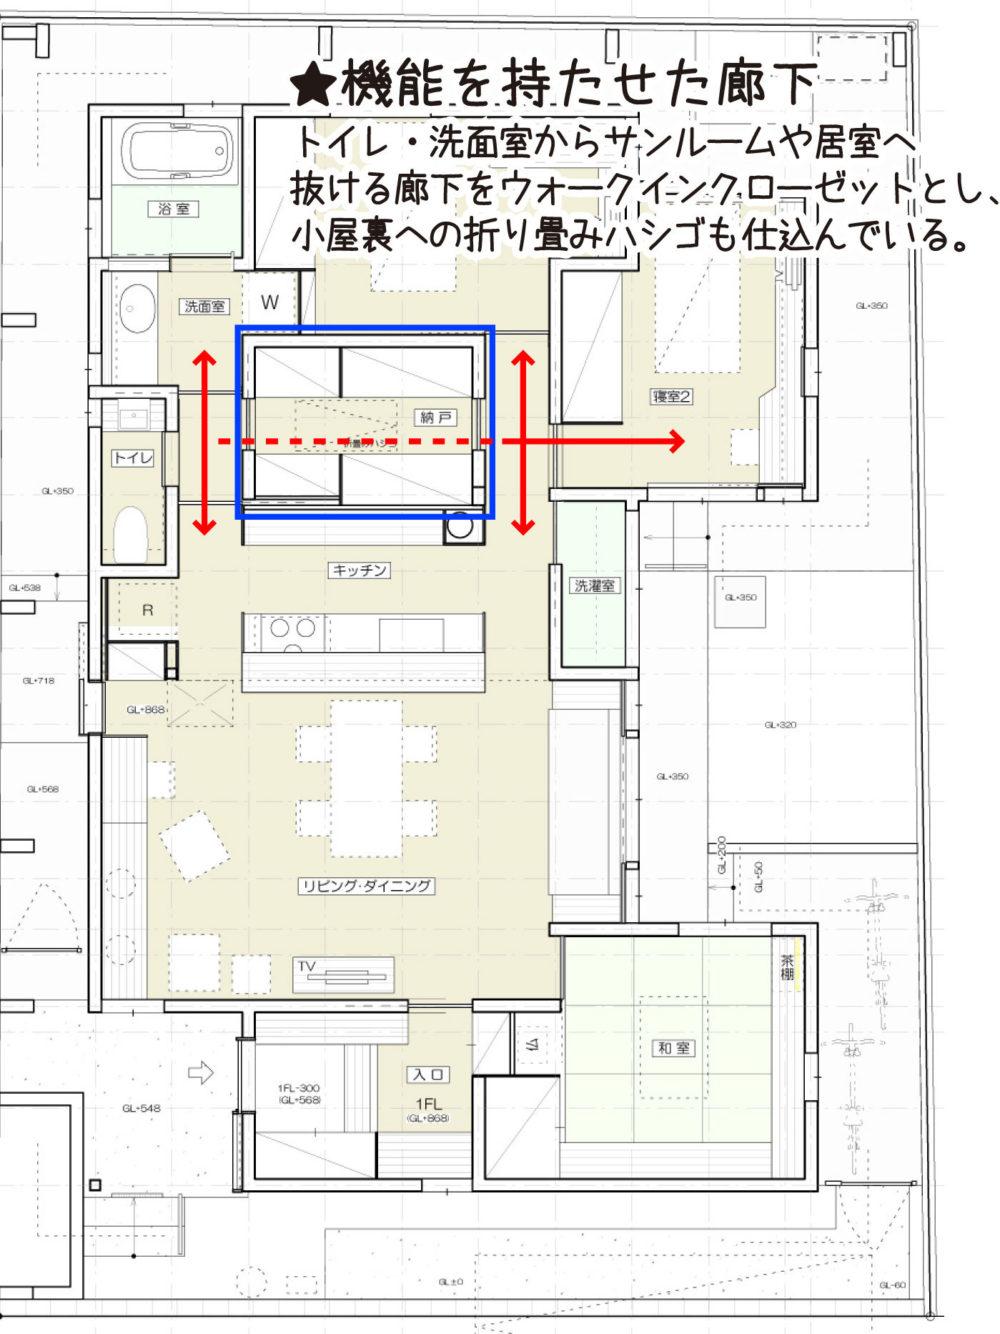 大阪で伊礼智の物件を見るならソーラーコム